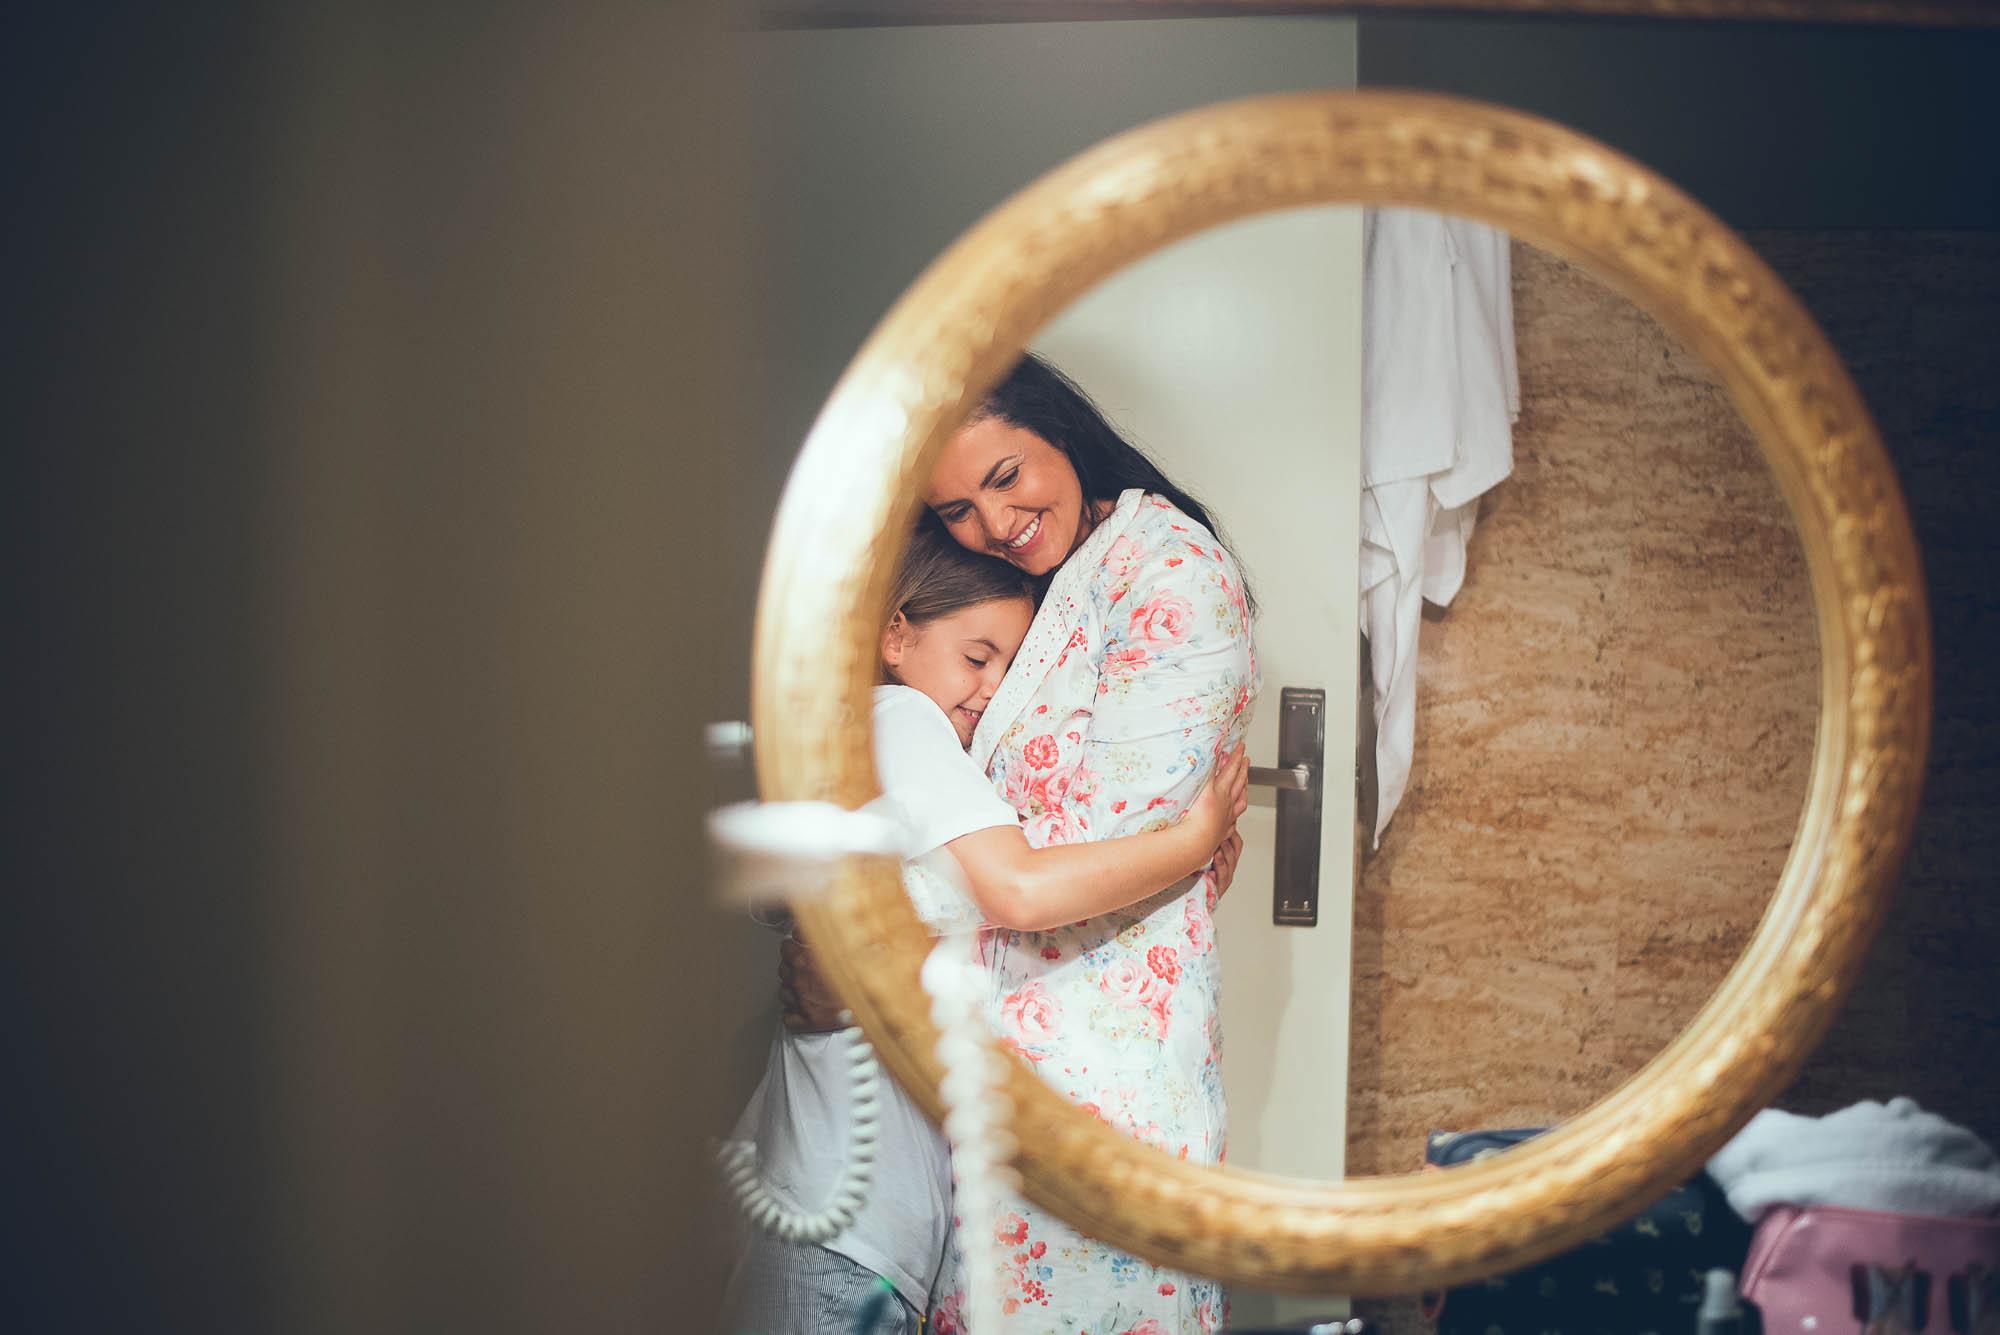 El reflejo en un espejo de una novia abrazando a su hermana pequeña